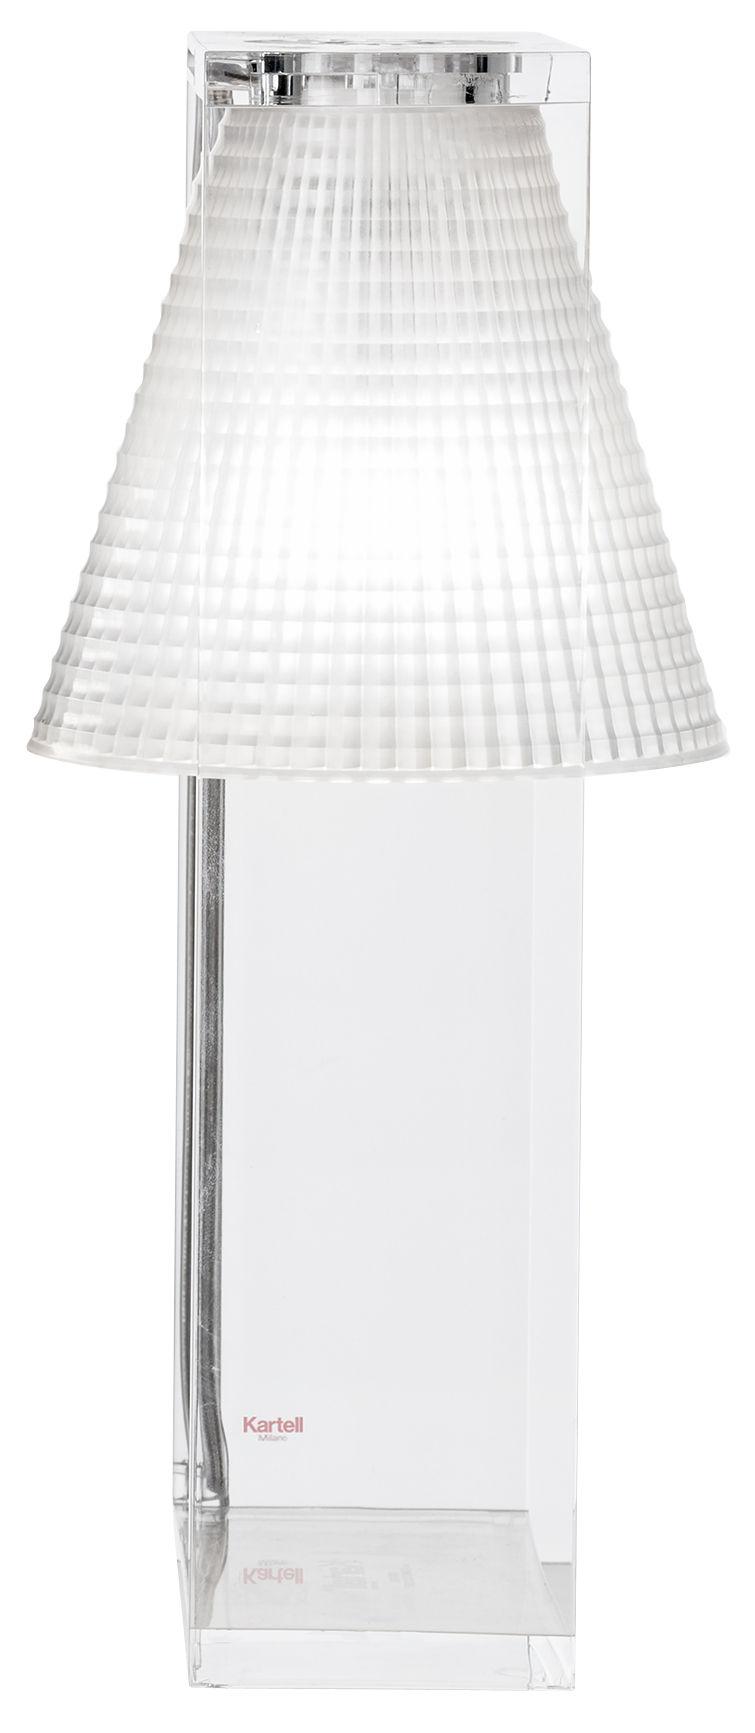 lampe de table light air abat jour plastique sculpt plastique cristal cadre cristal kartell. Black Bedroom Furniture Sets. Home Design Ideas